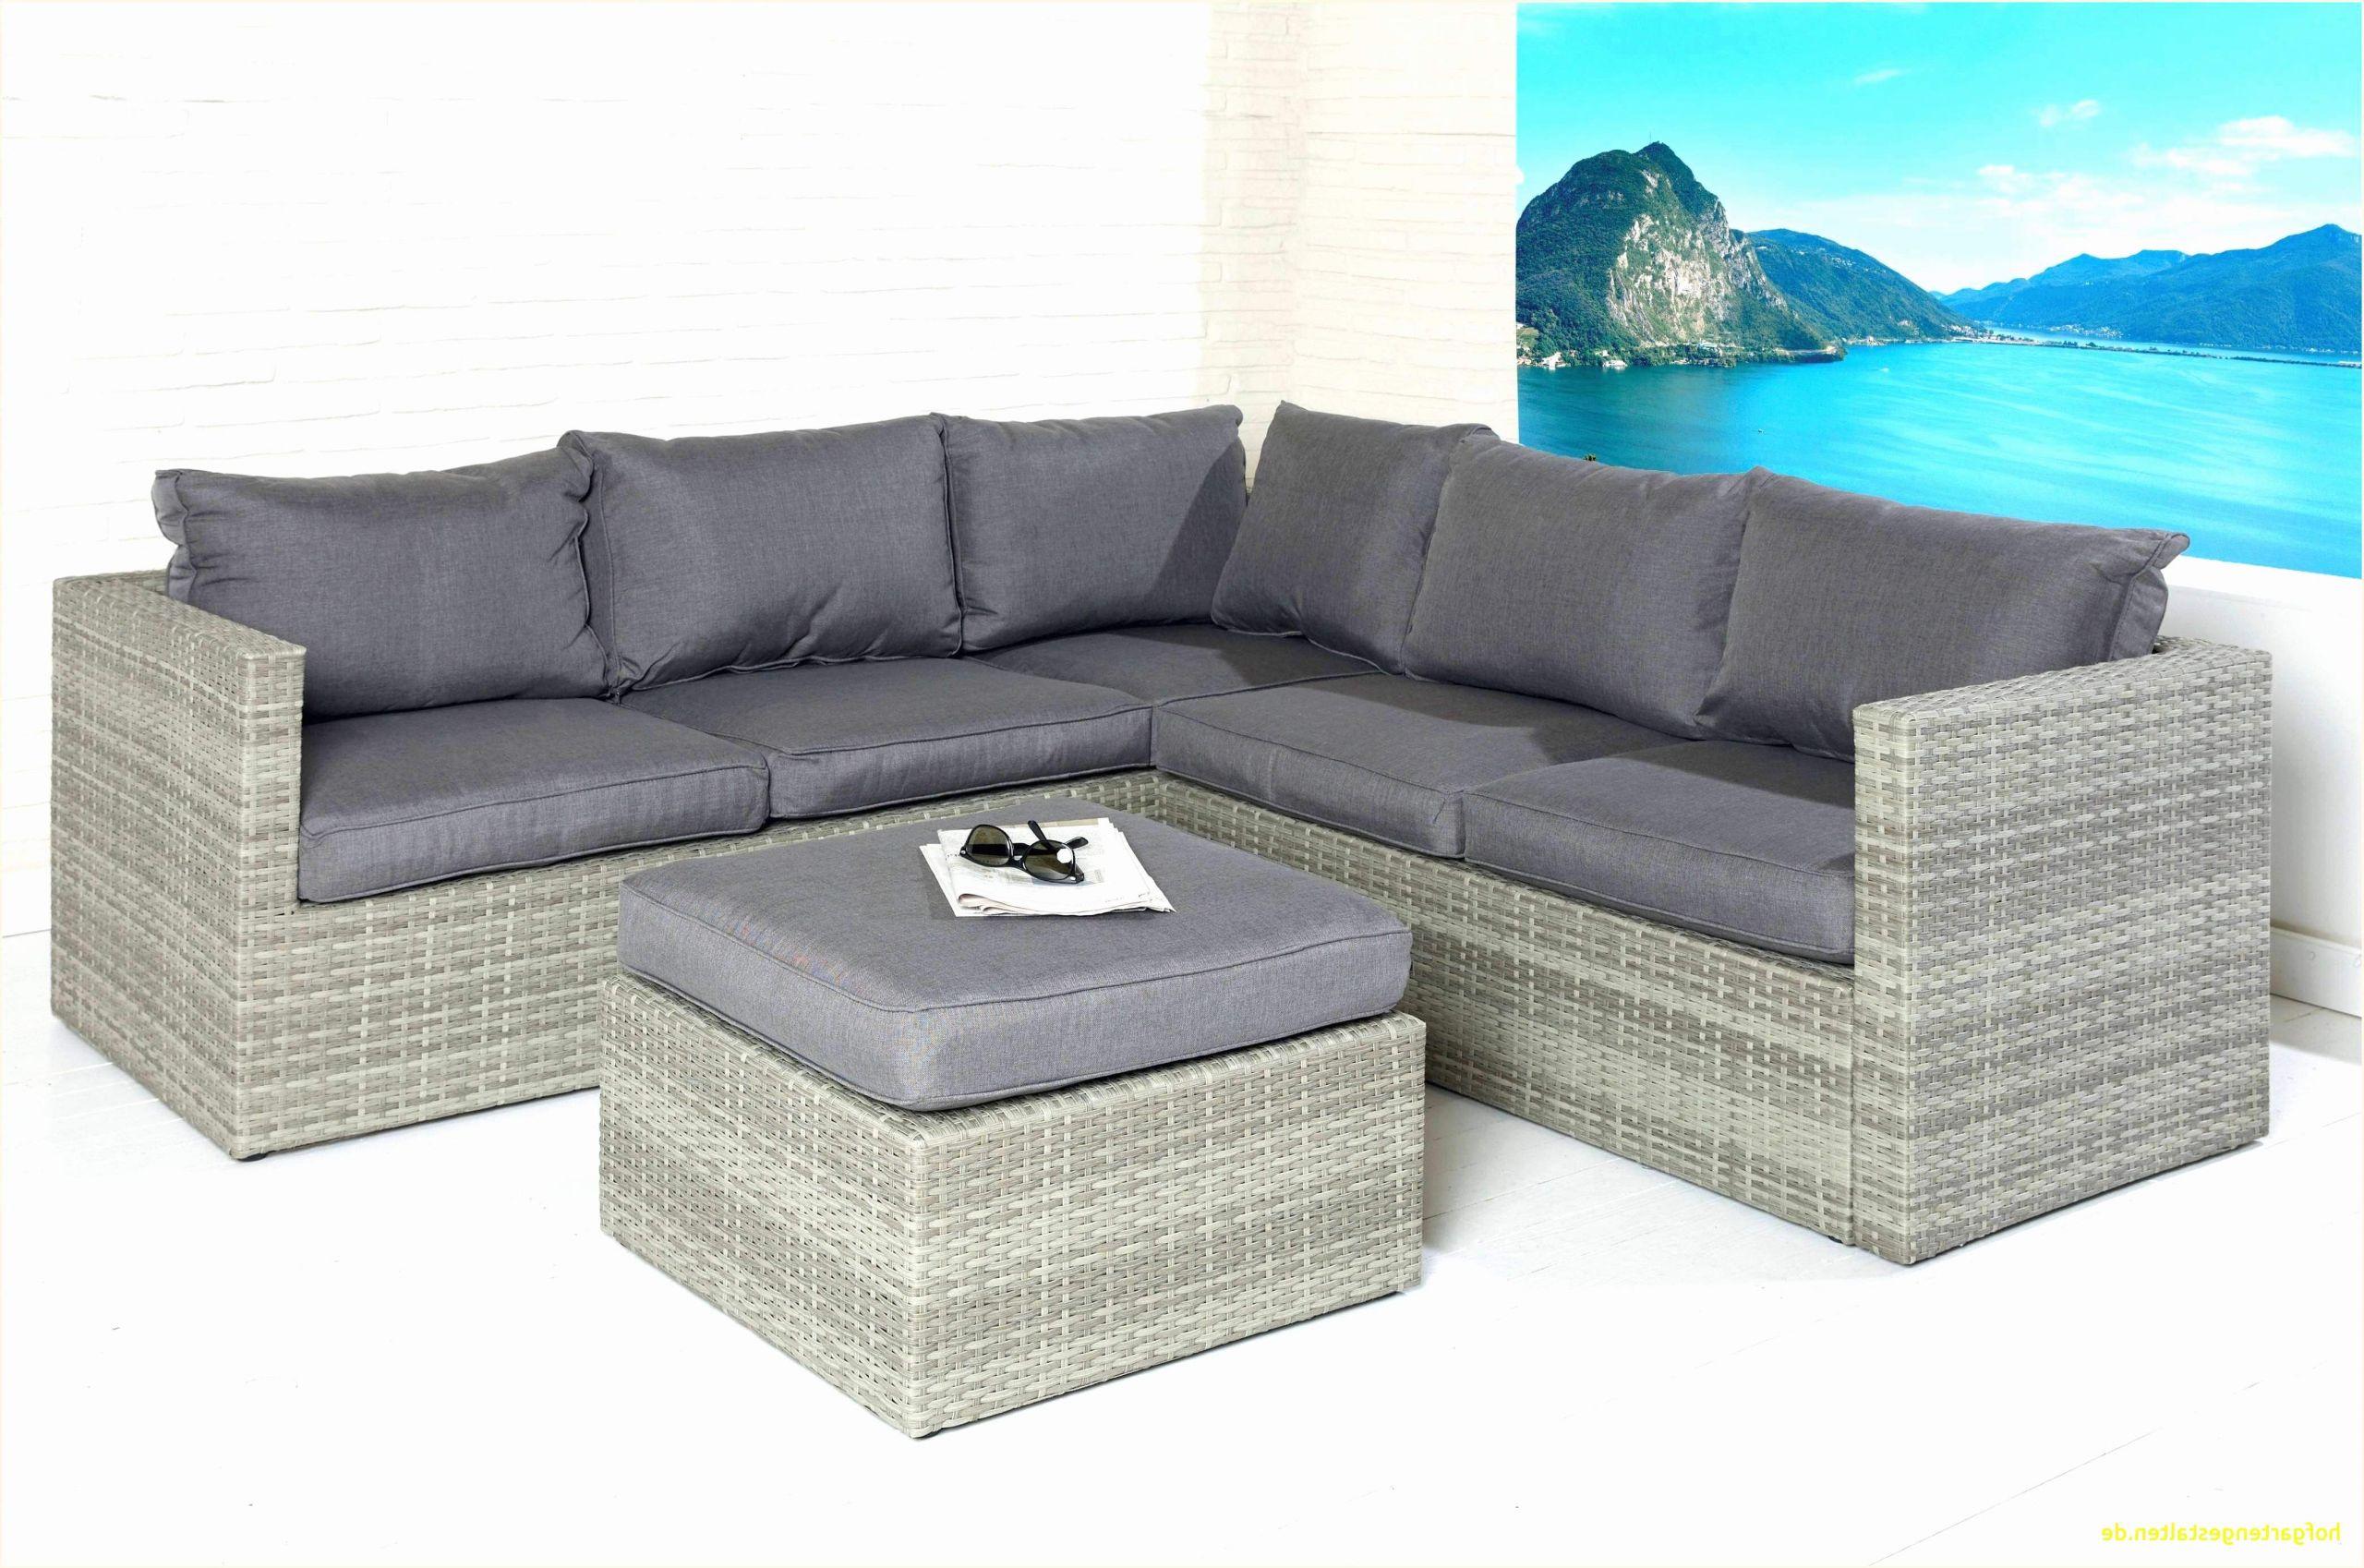 garten couch schon 42 von rattansessel gunstig ideen of garten couch scaled